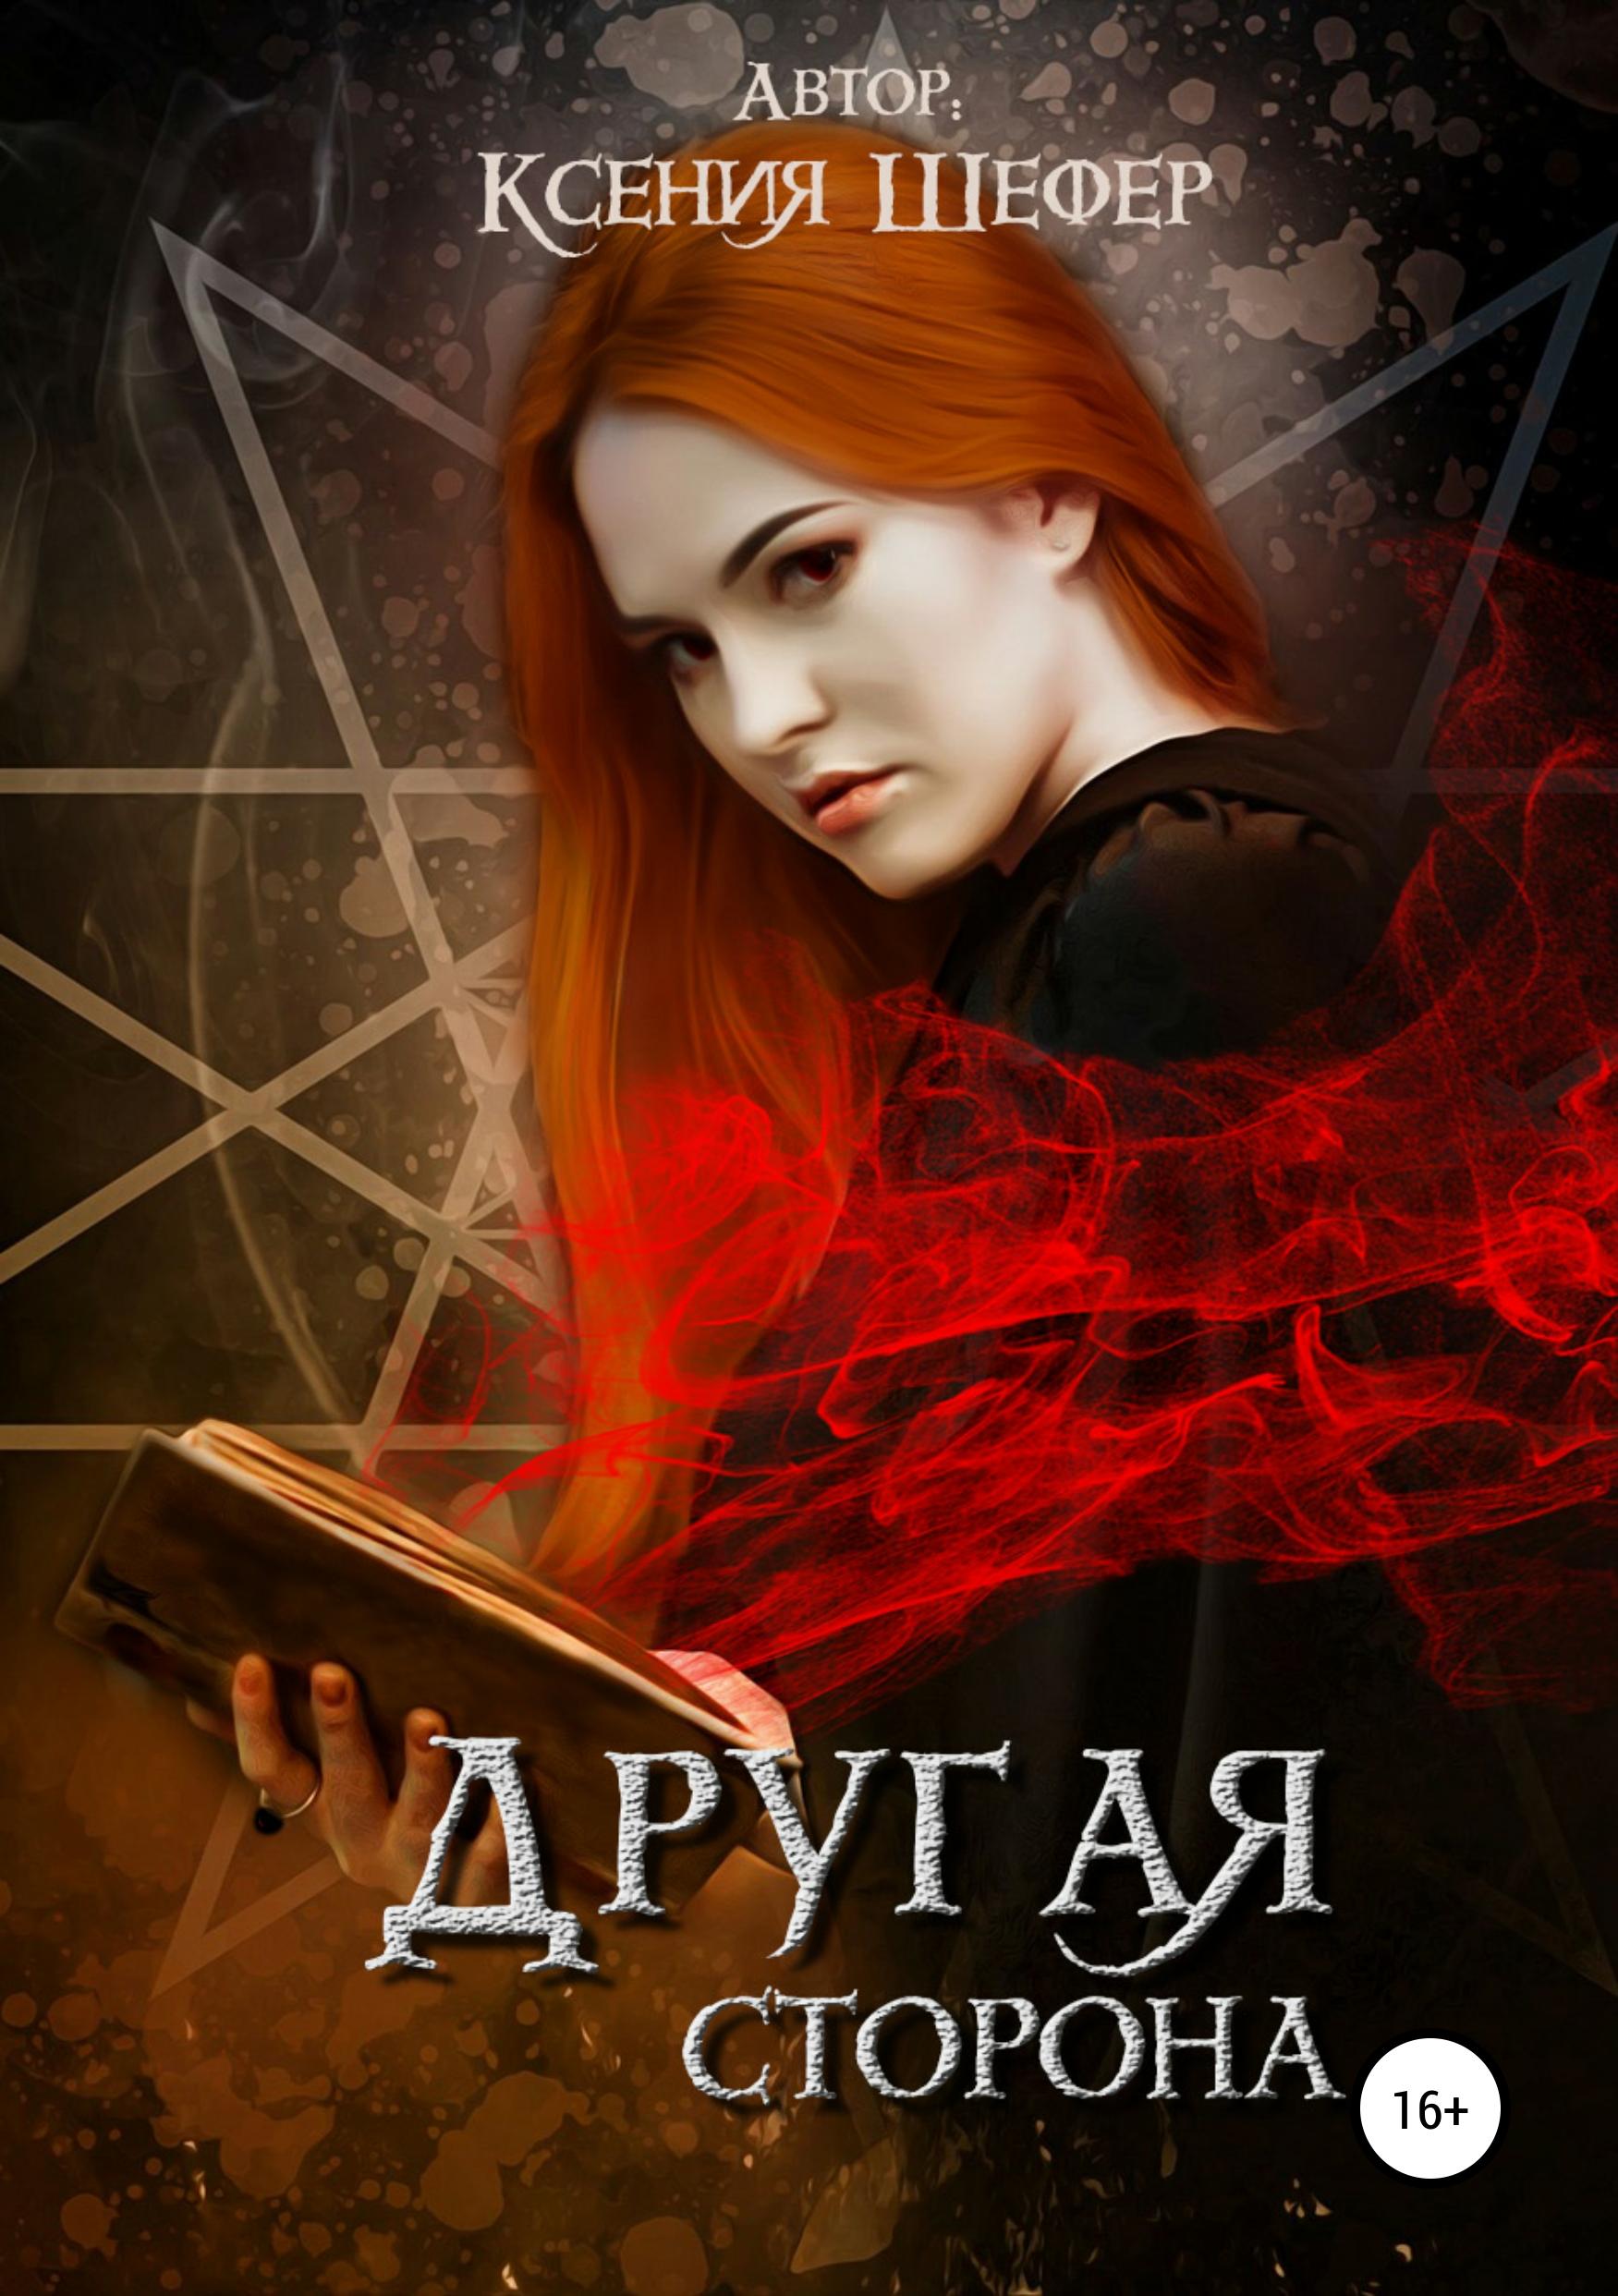 Купить книгу Другая сторона, автора Ксении Николаевны Шефер